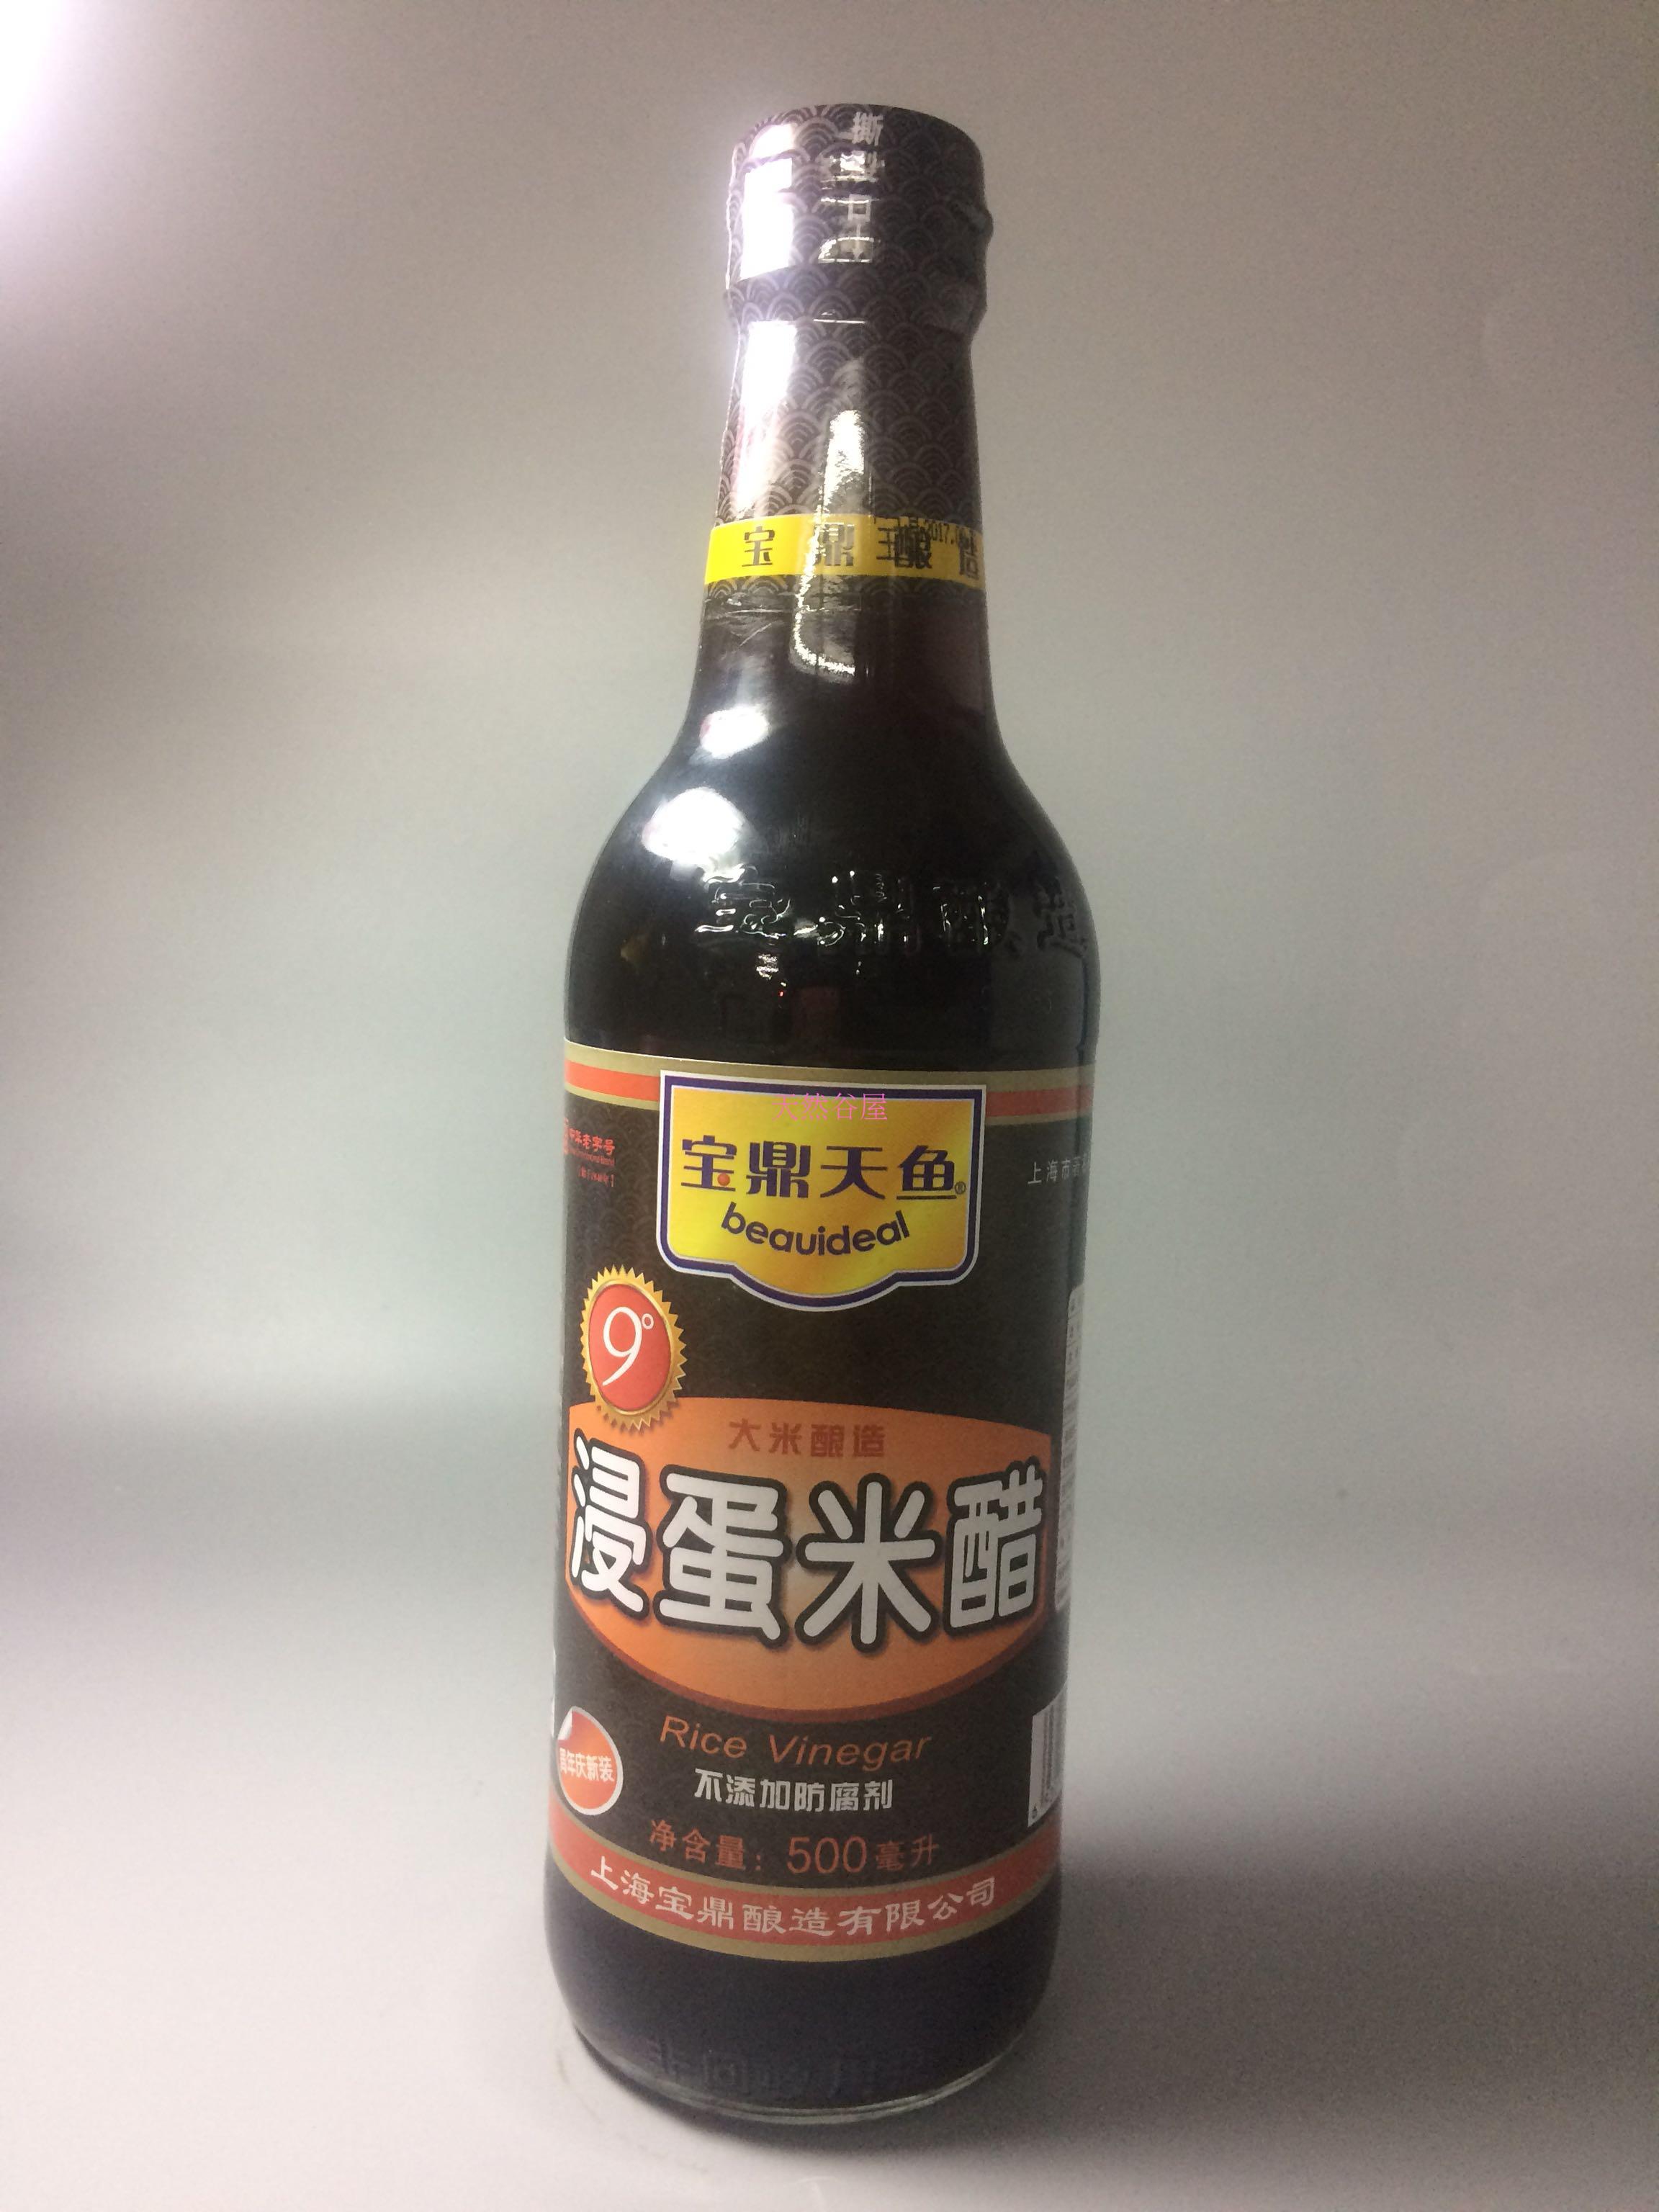 上海宝鼎天鱼酿造 9度浸蛋米醋 醋蛋醋 500毫升,江浙沪10瓶包邮